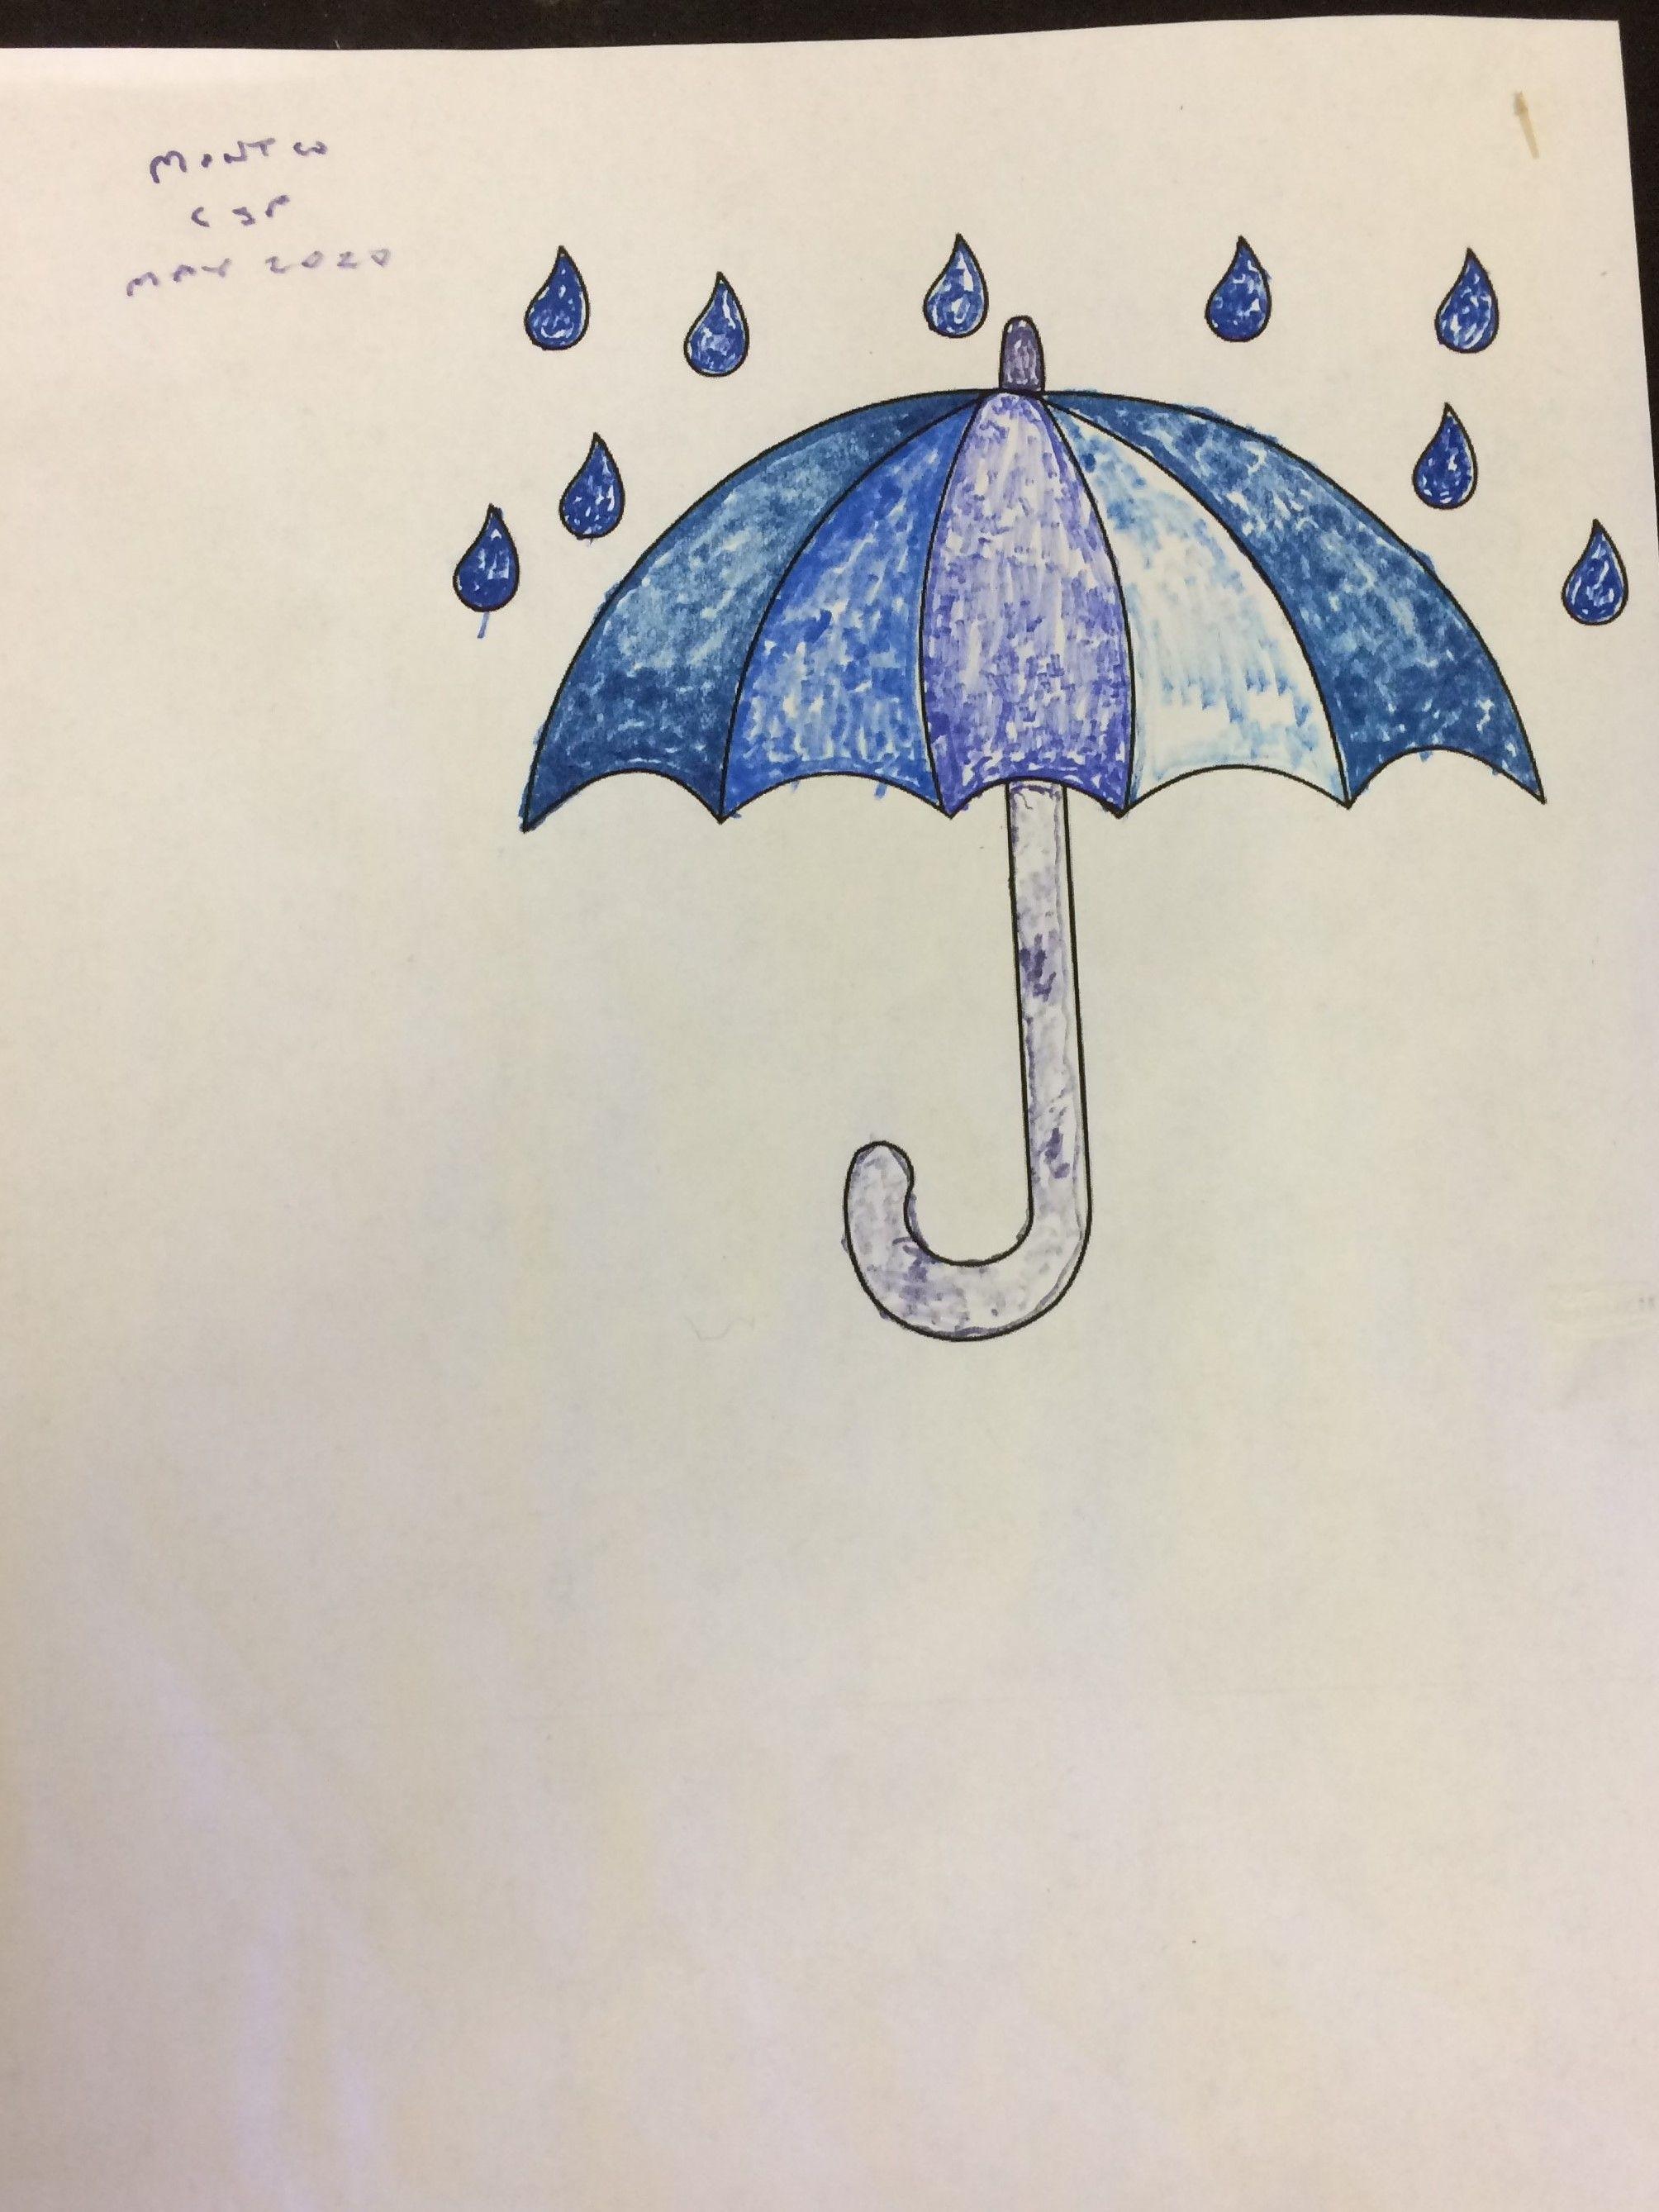 (17) Umbrella